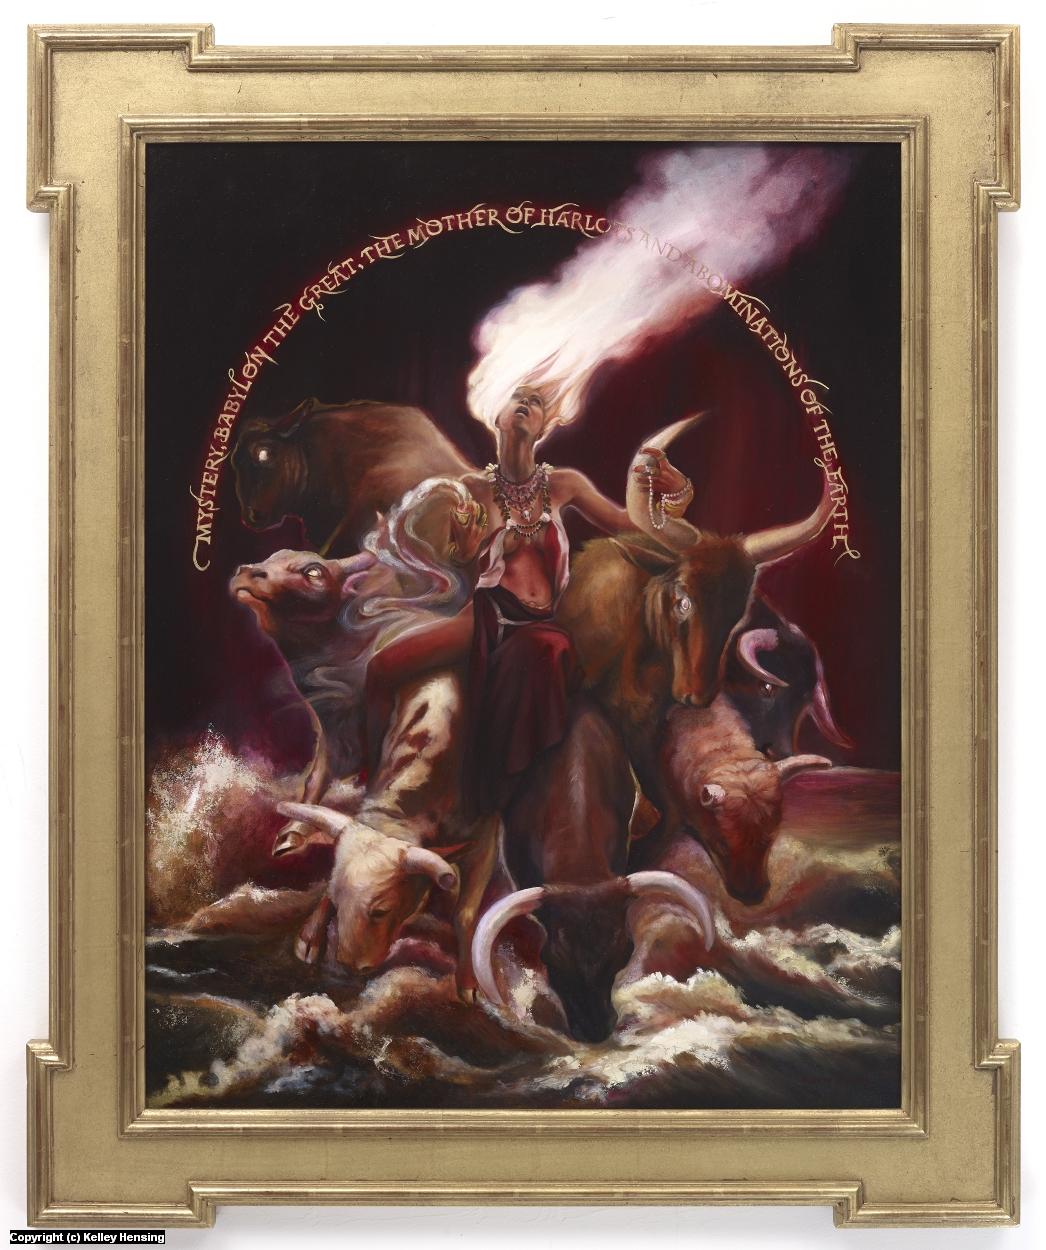 The Great Harlot Artwork by Kelley Hensing